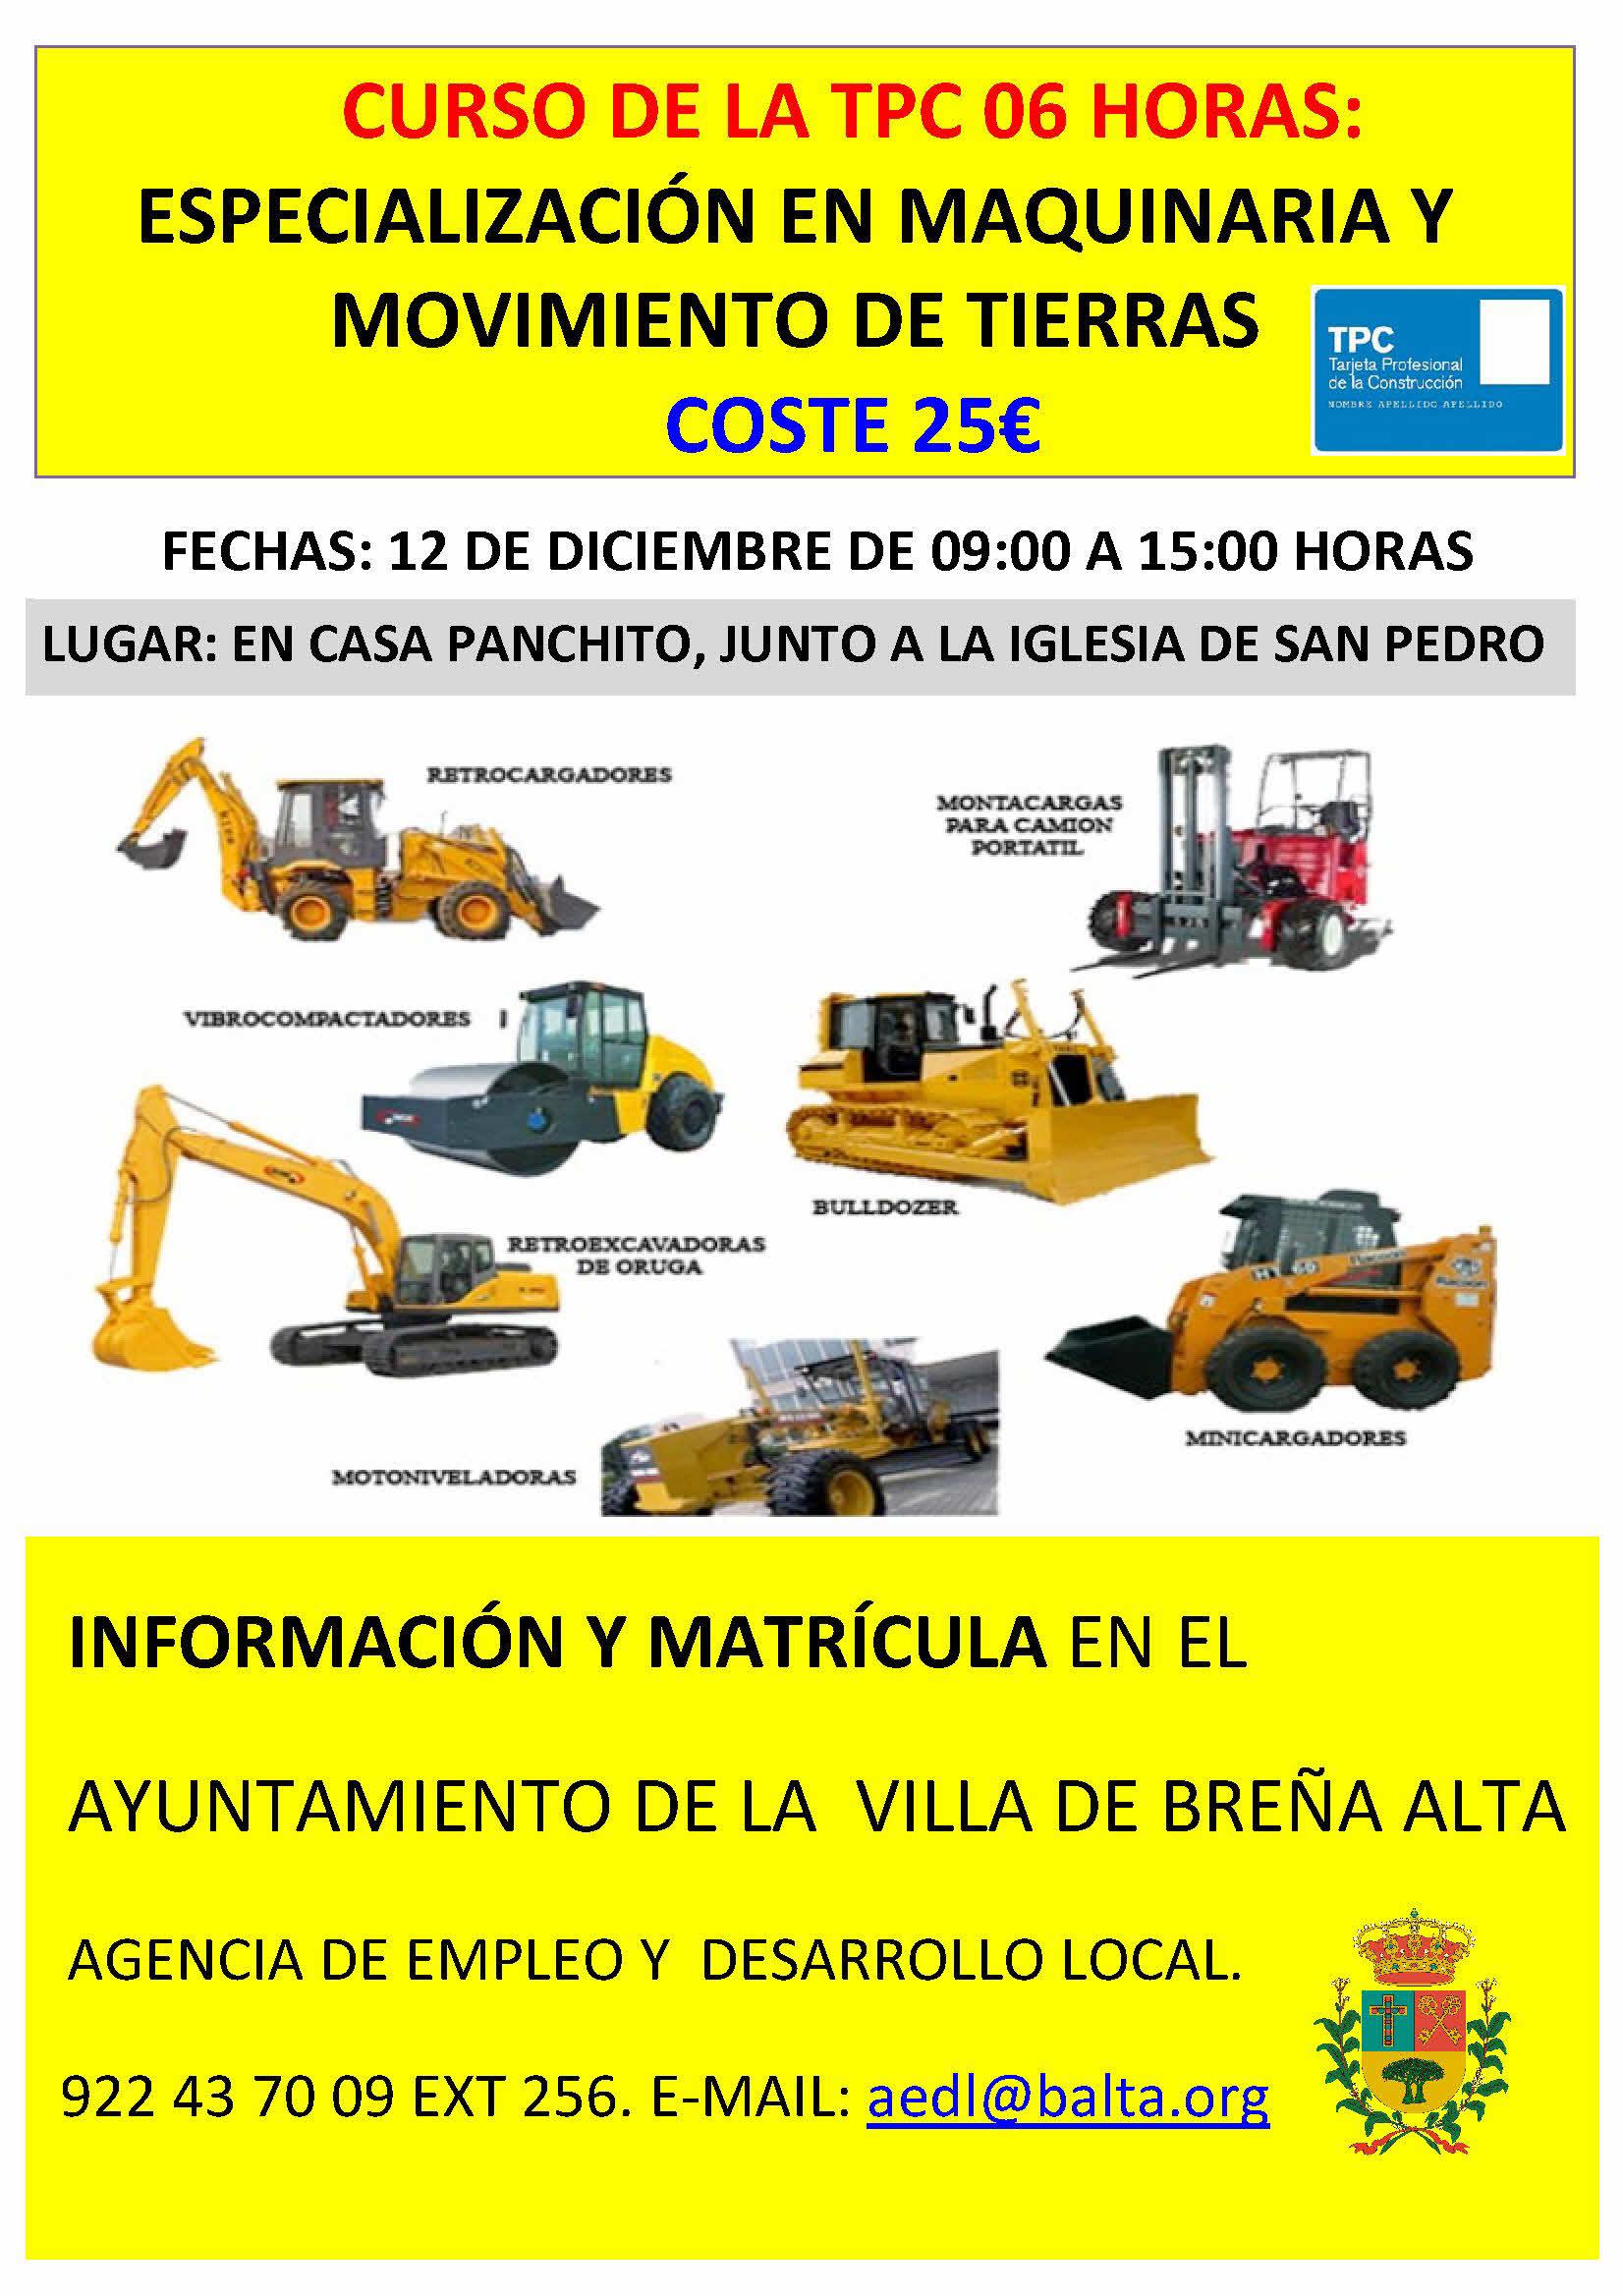 CARTEL TPC 6H MOV TIERRAS BALTA DIC 2015 (2)